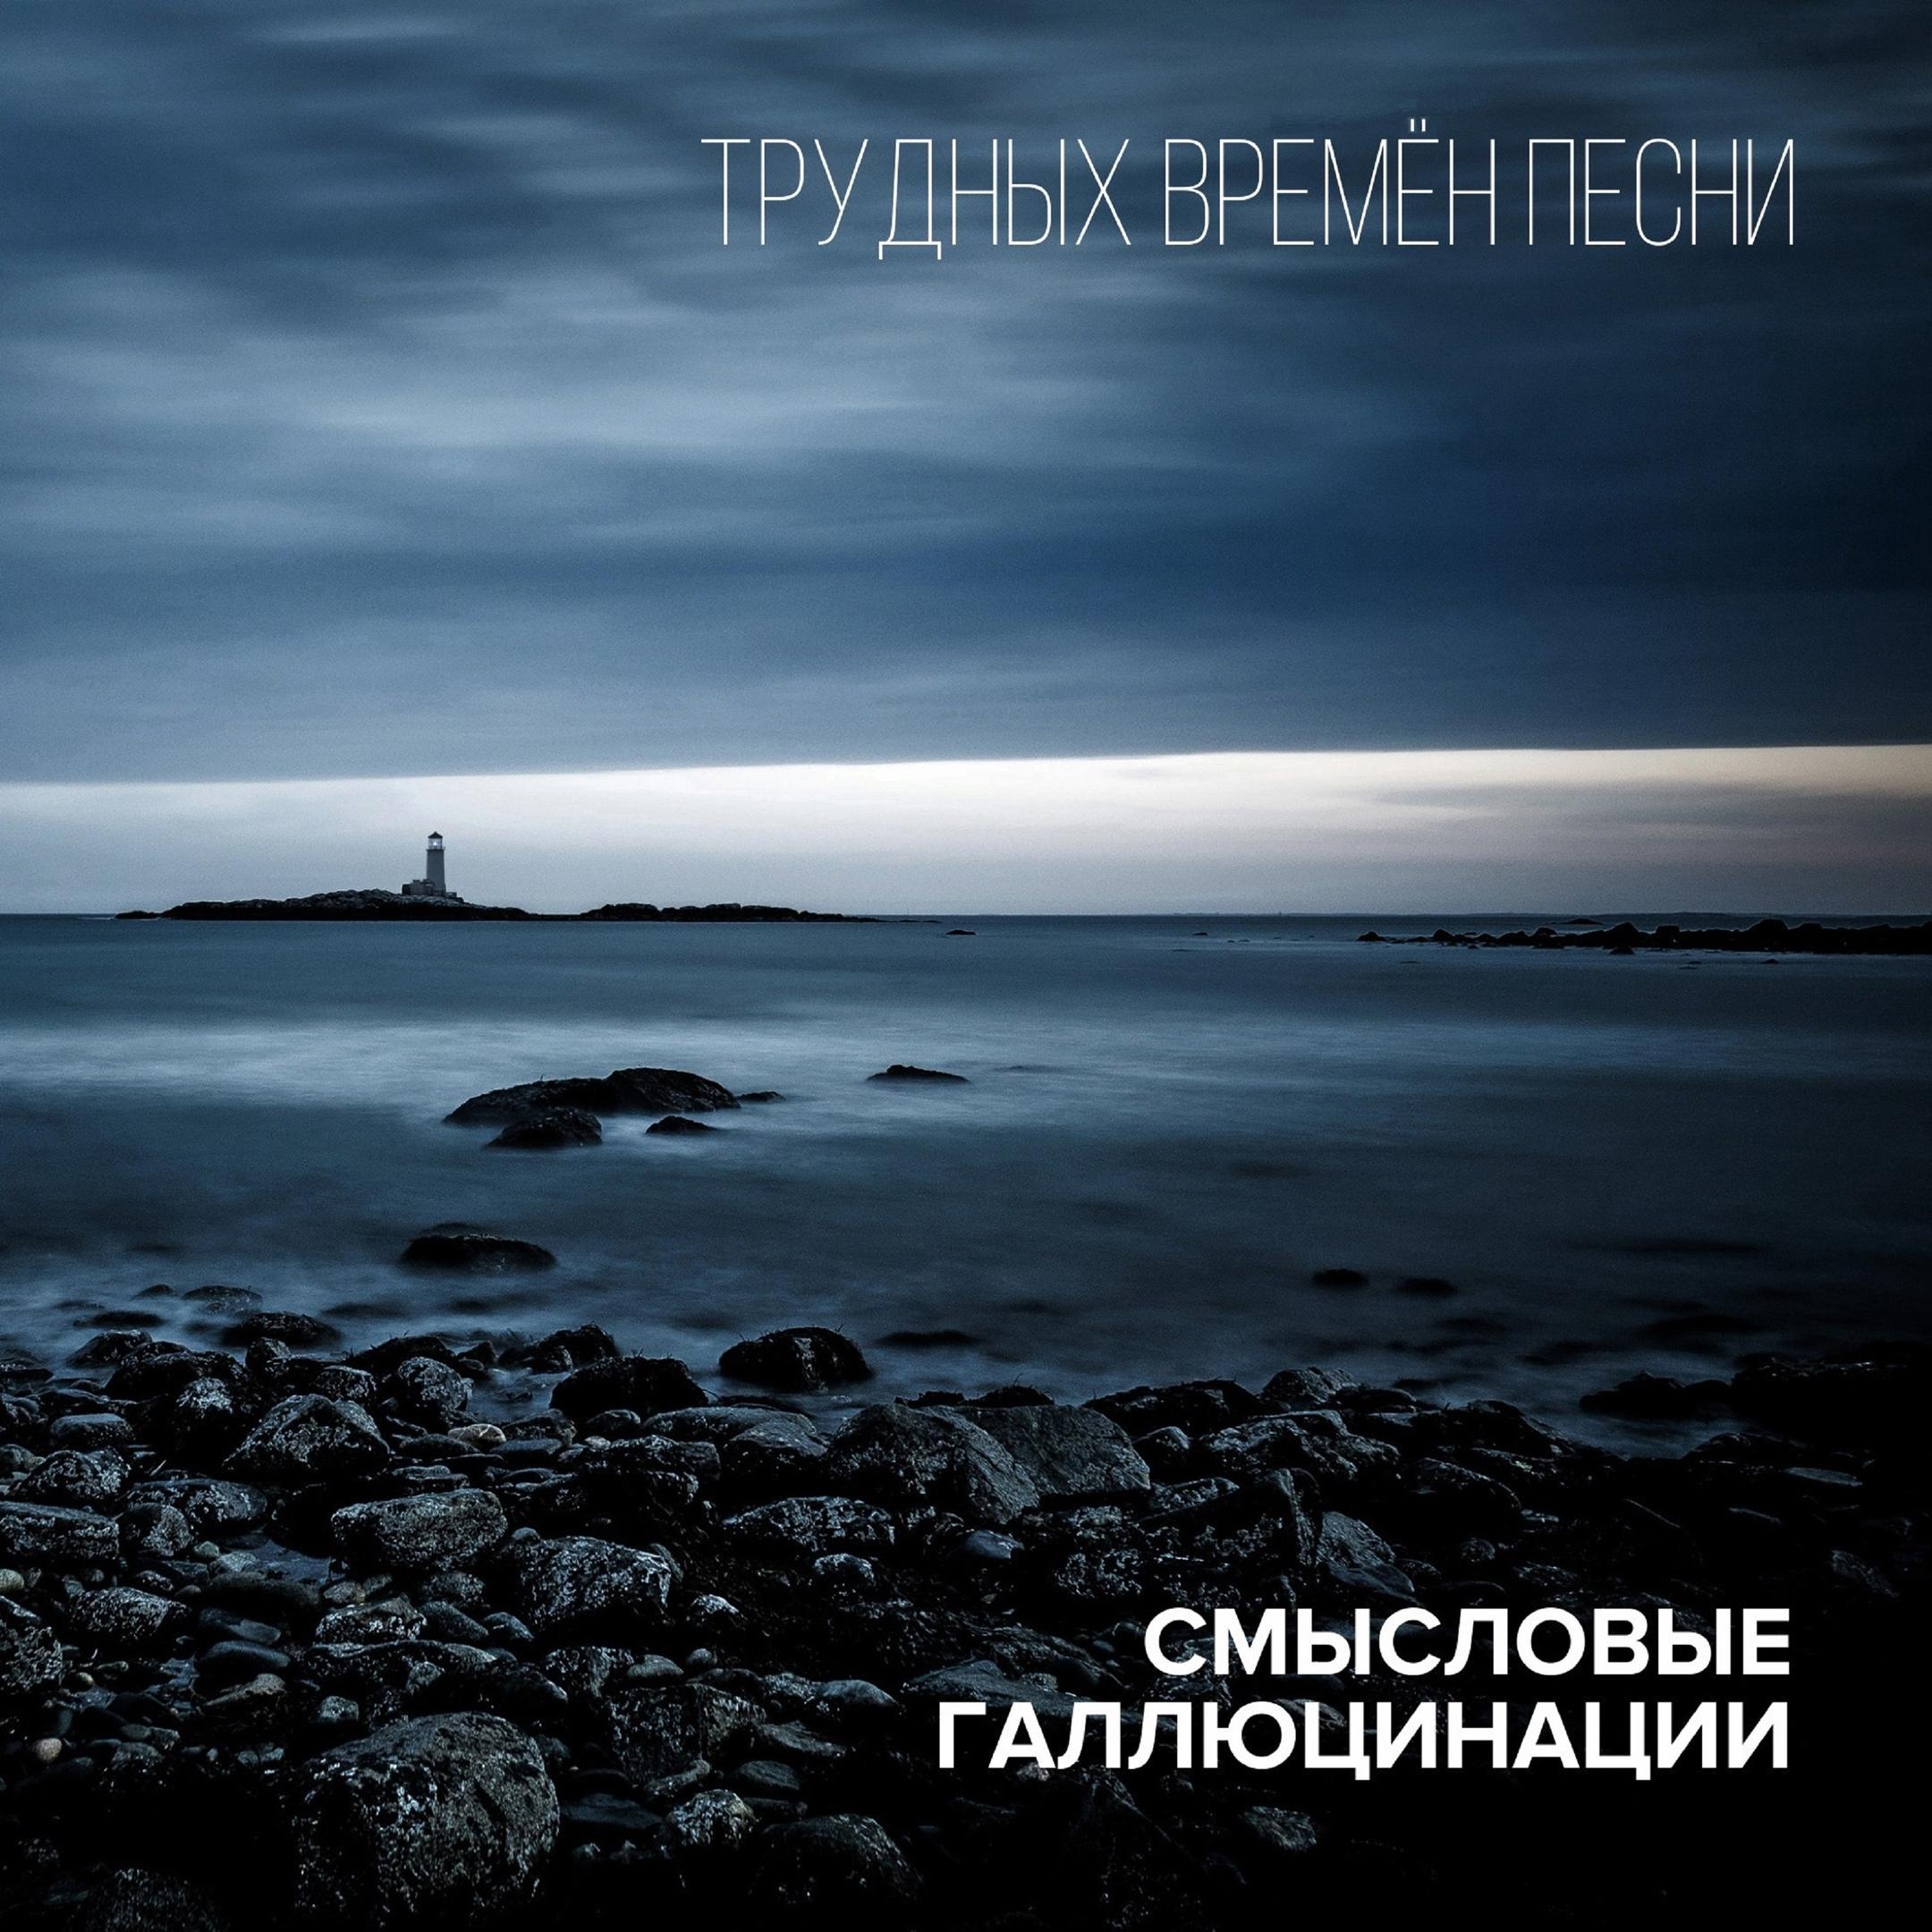 Смысловые галлюцинации album Трудных времён песни